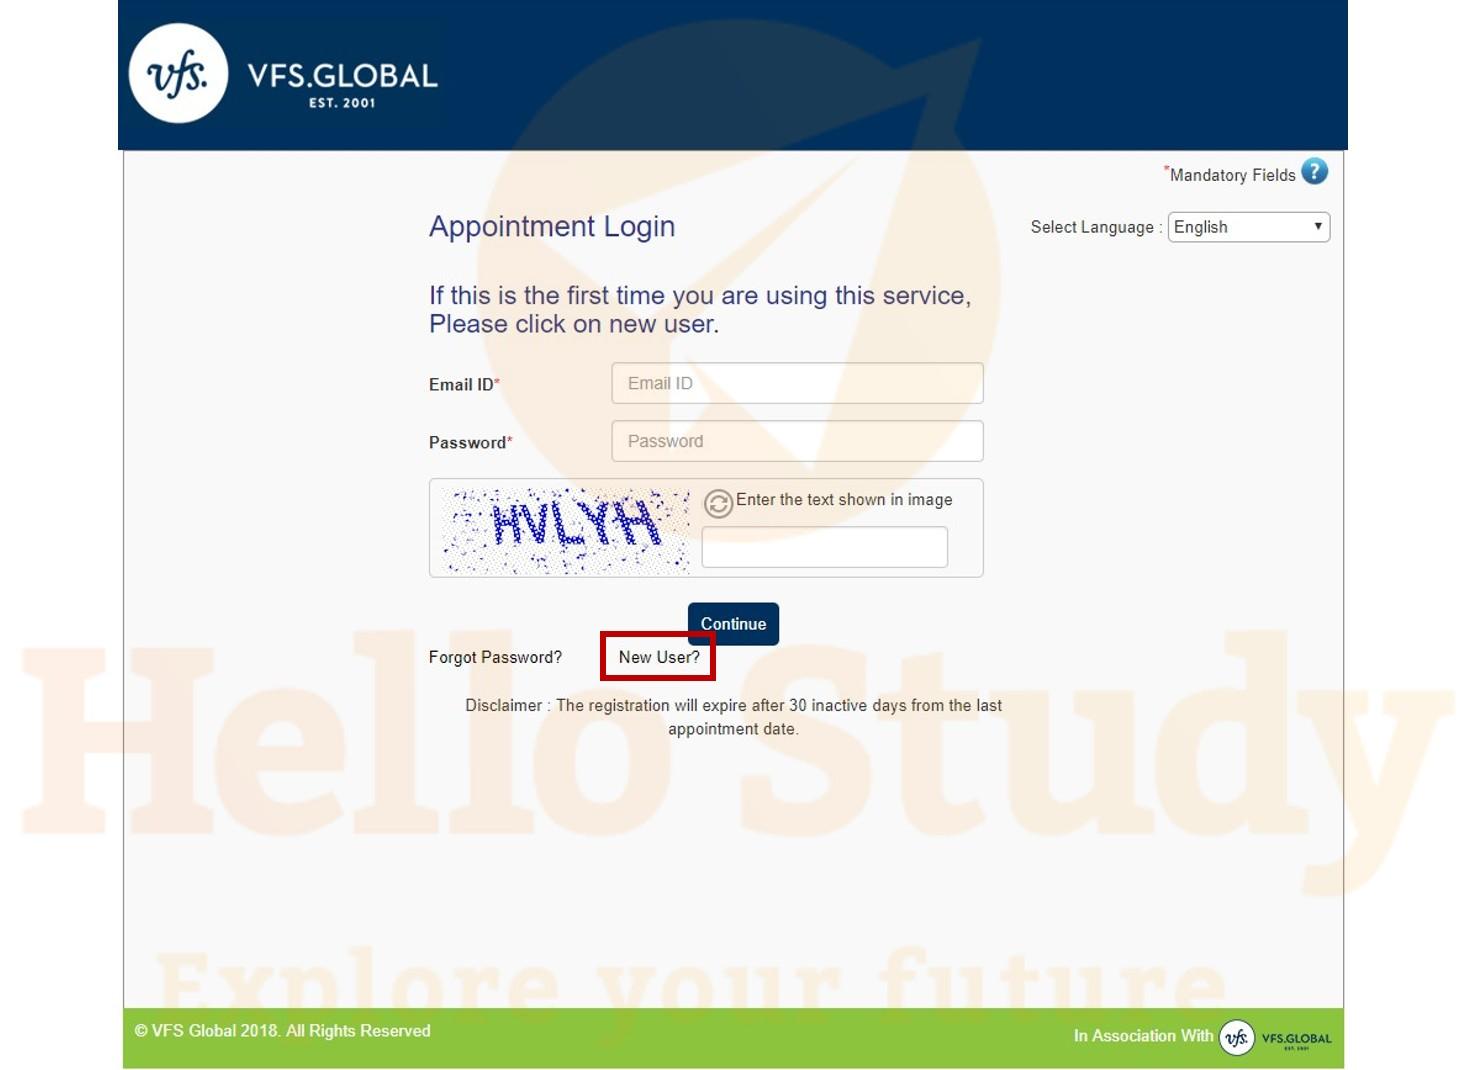 加拿大簽證申請Biometrics 生物特徵辨識資料【圖文範例教學】 - Hello